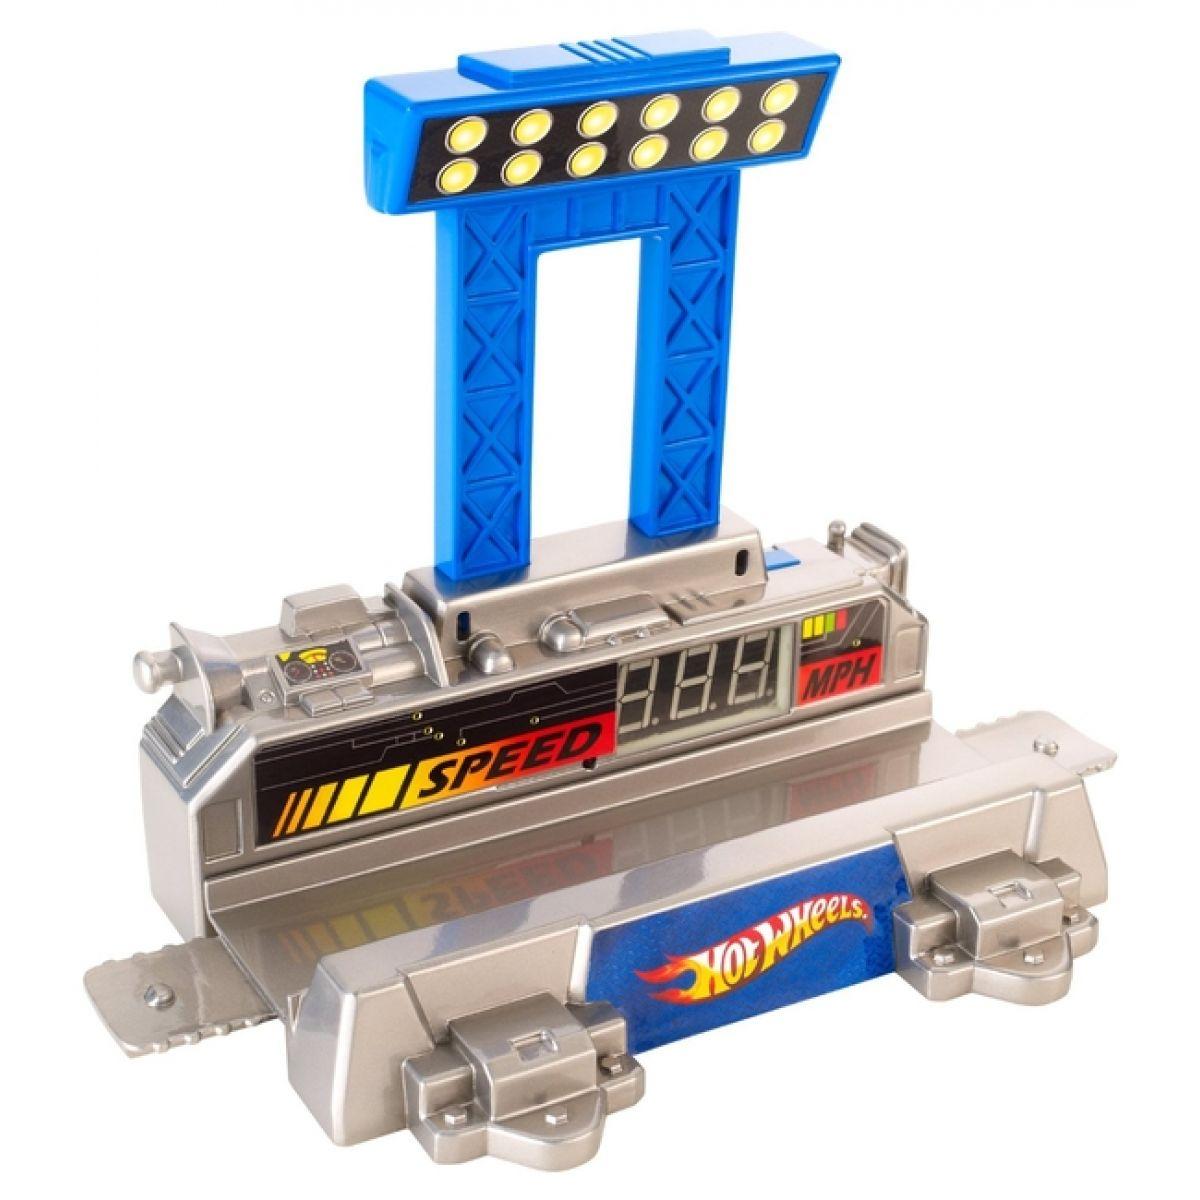 Hot Wheels Track Builder velký set - Digitální rychloměr